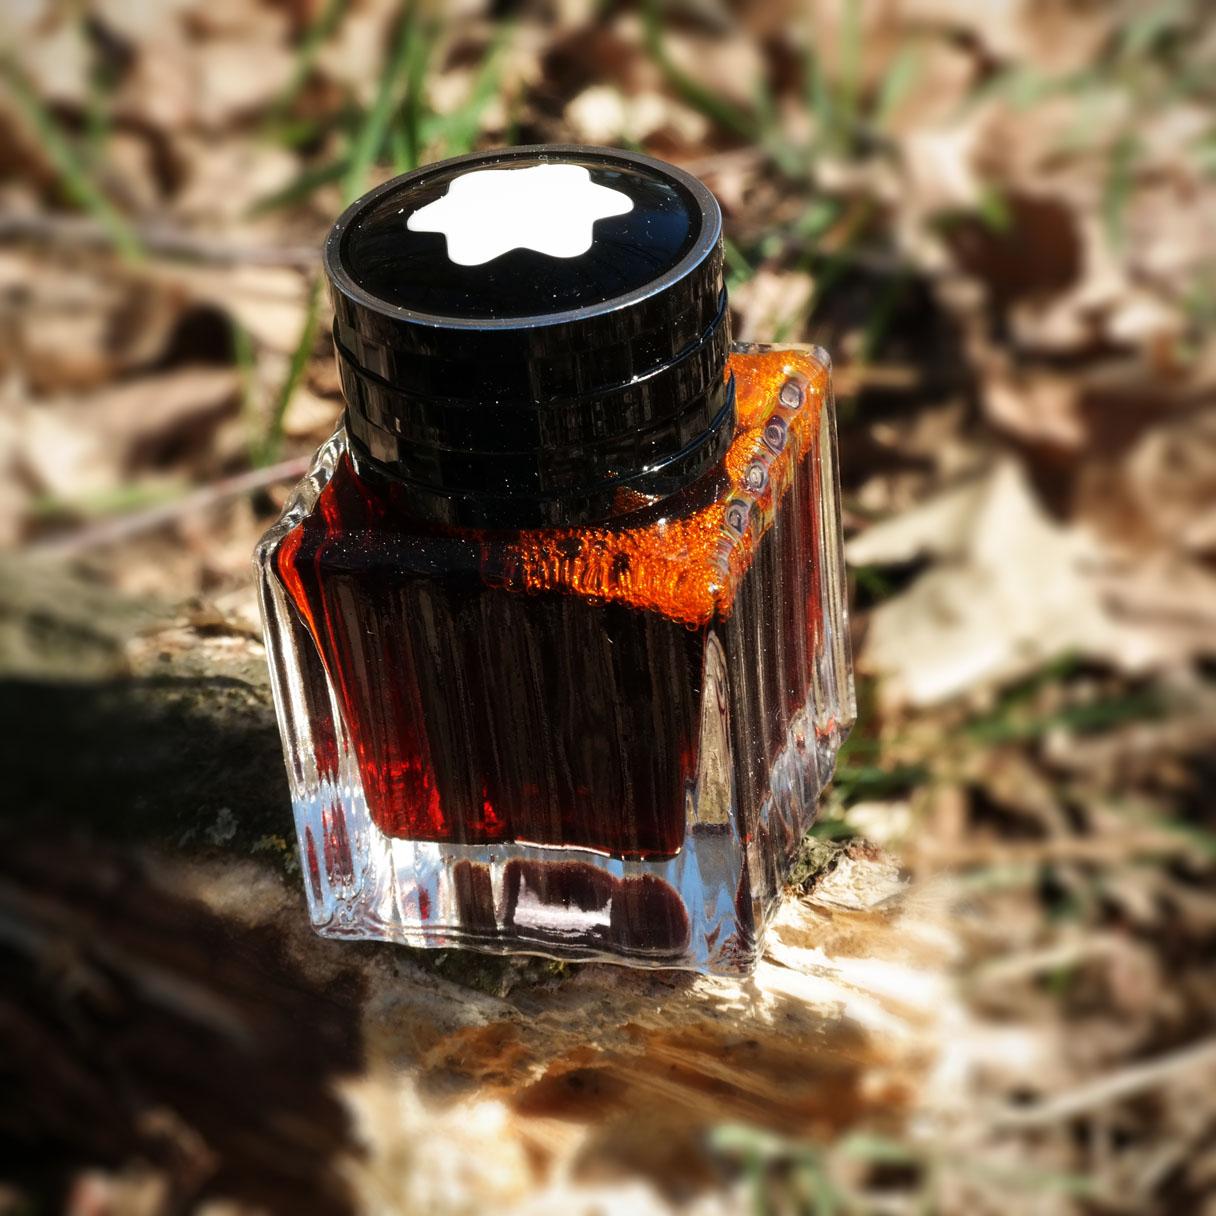 fpn_1459614482__goldenyellow_bottle_3.jp